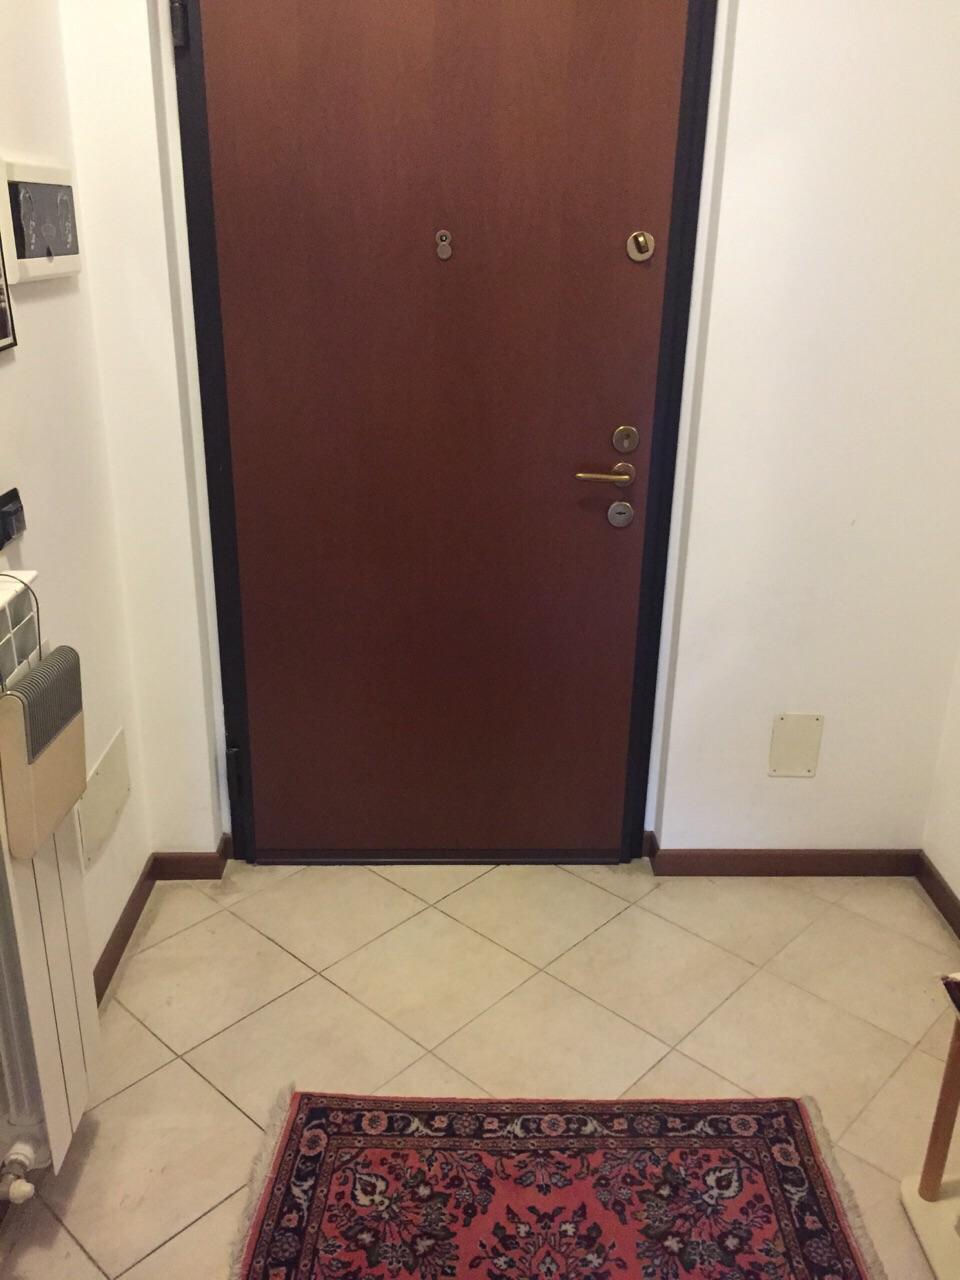 Appartamento monolocale arredato in affitto a dalmine zona for Contratto affitto appartamento arredato